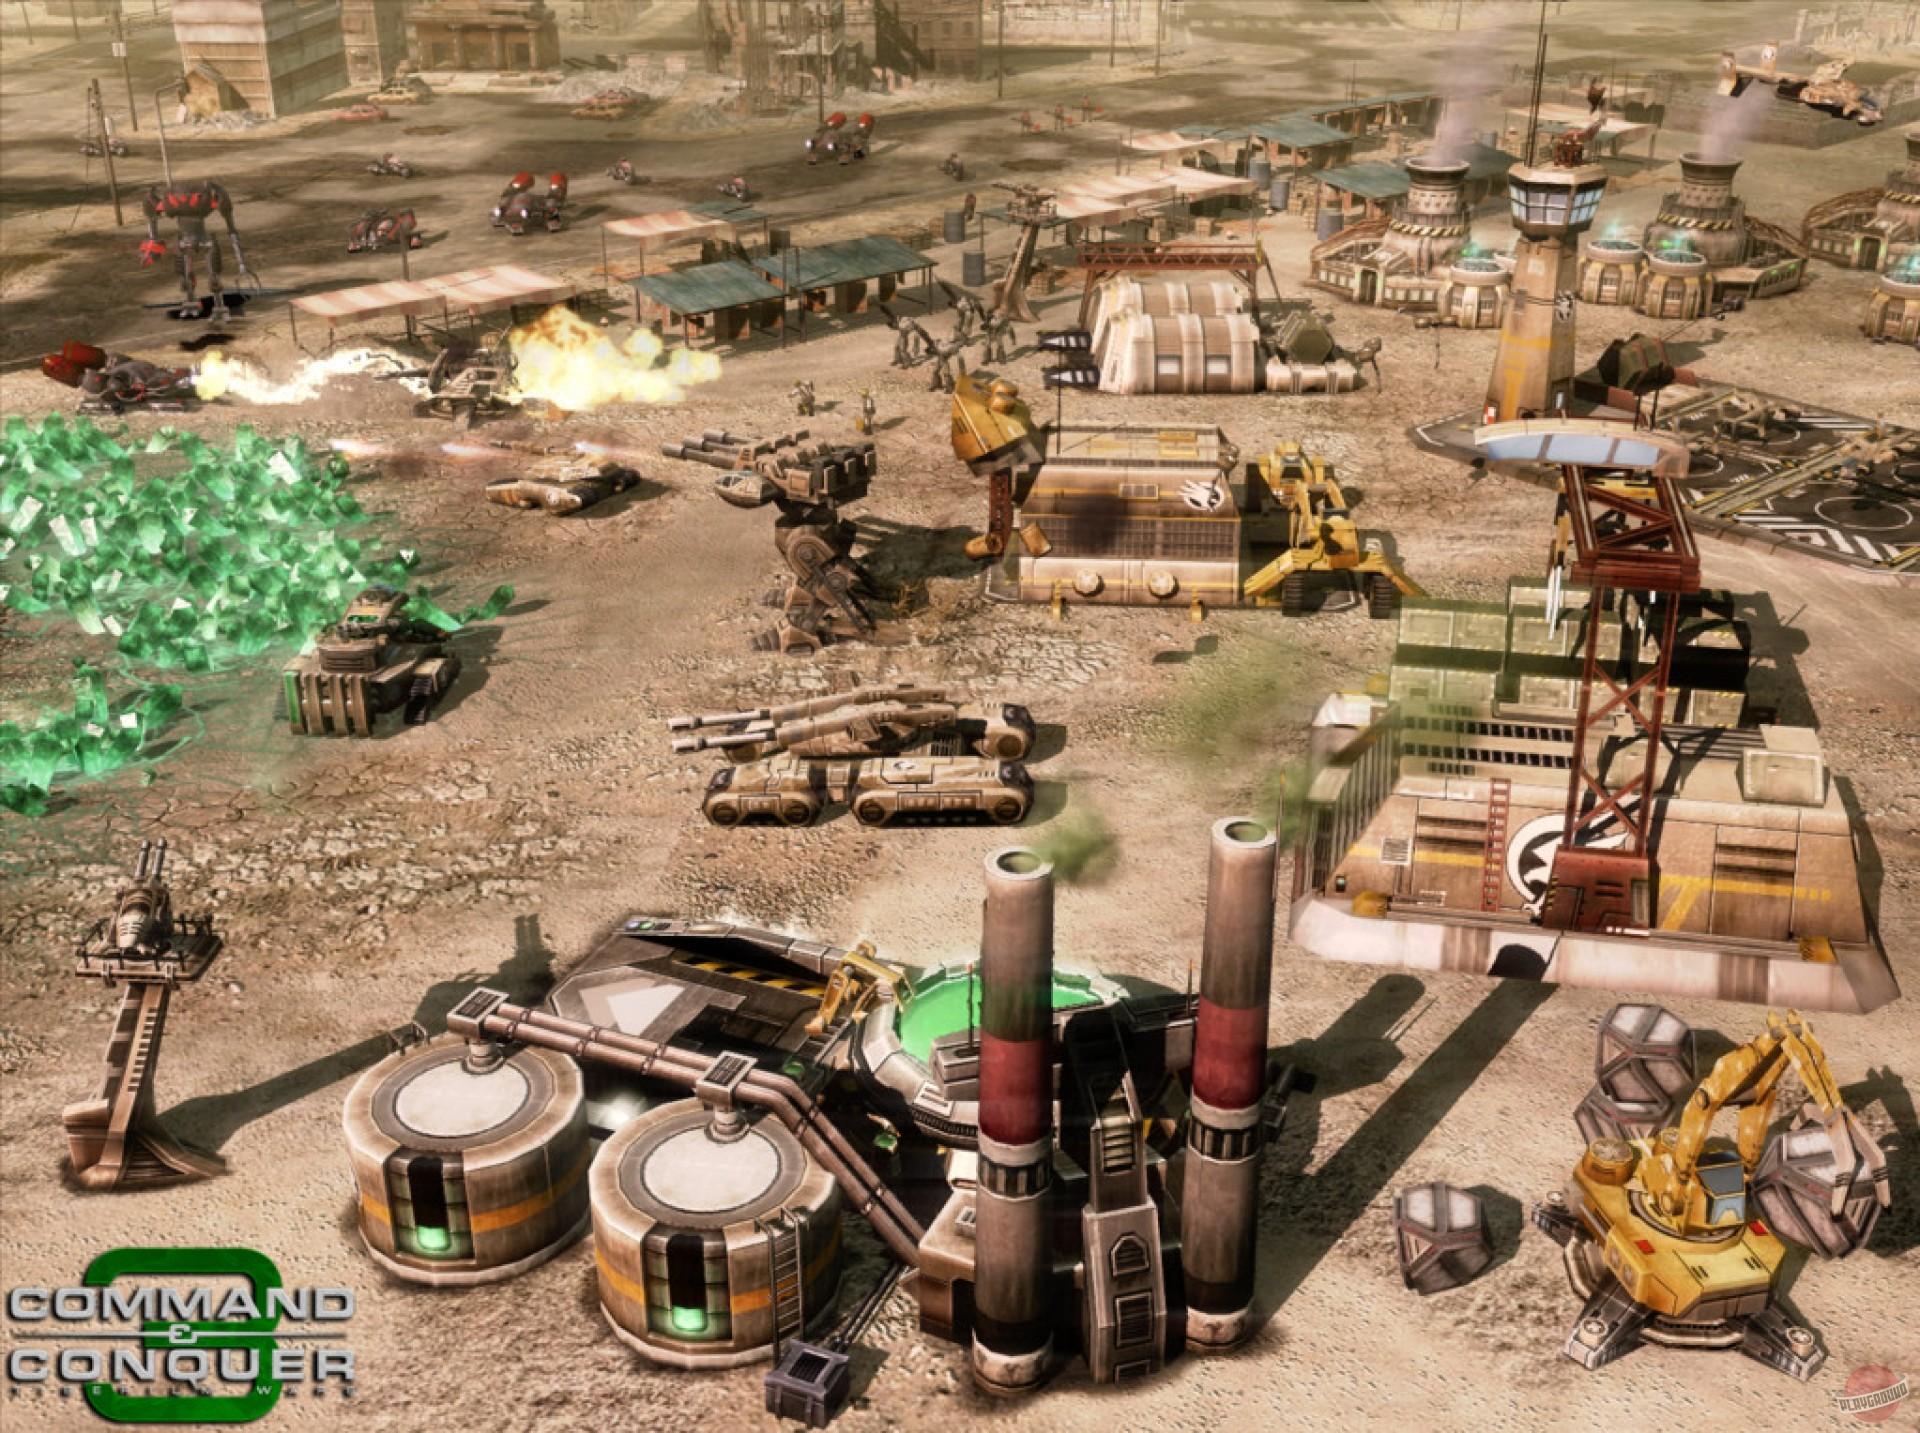 прохождение игры command conquer tiberium wars